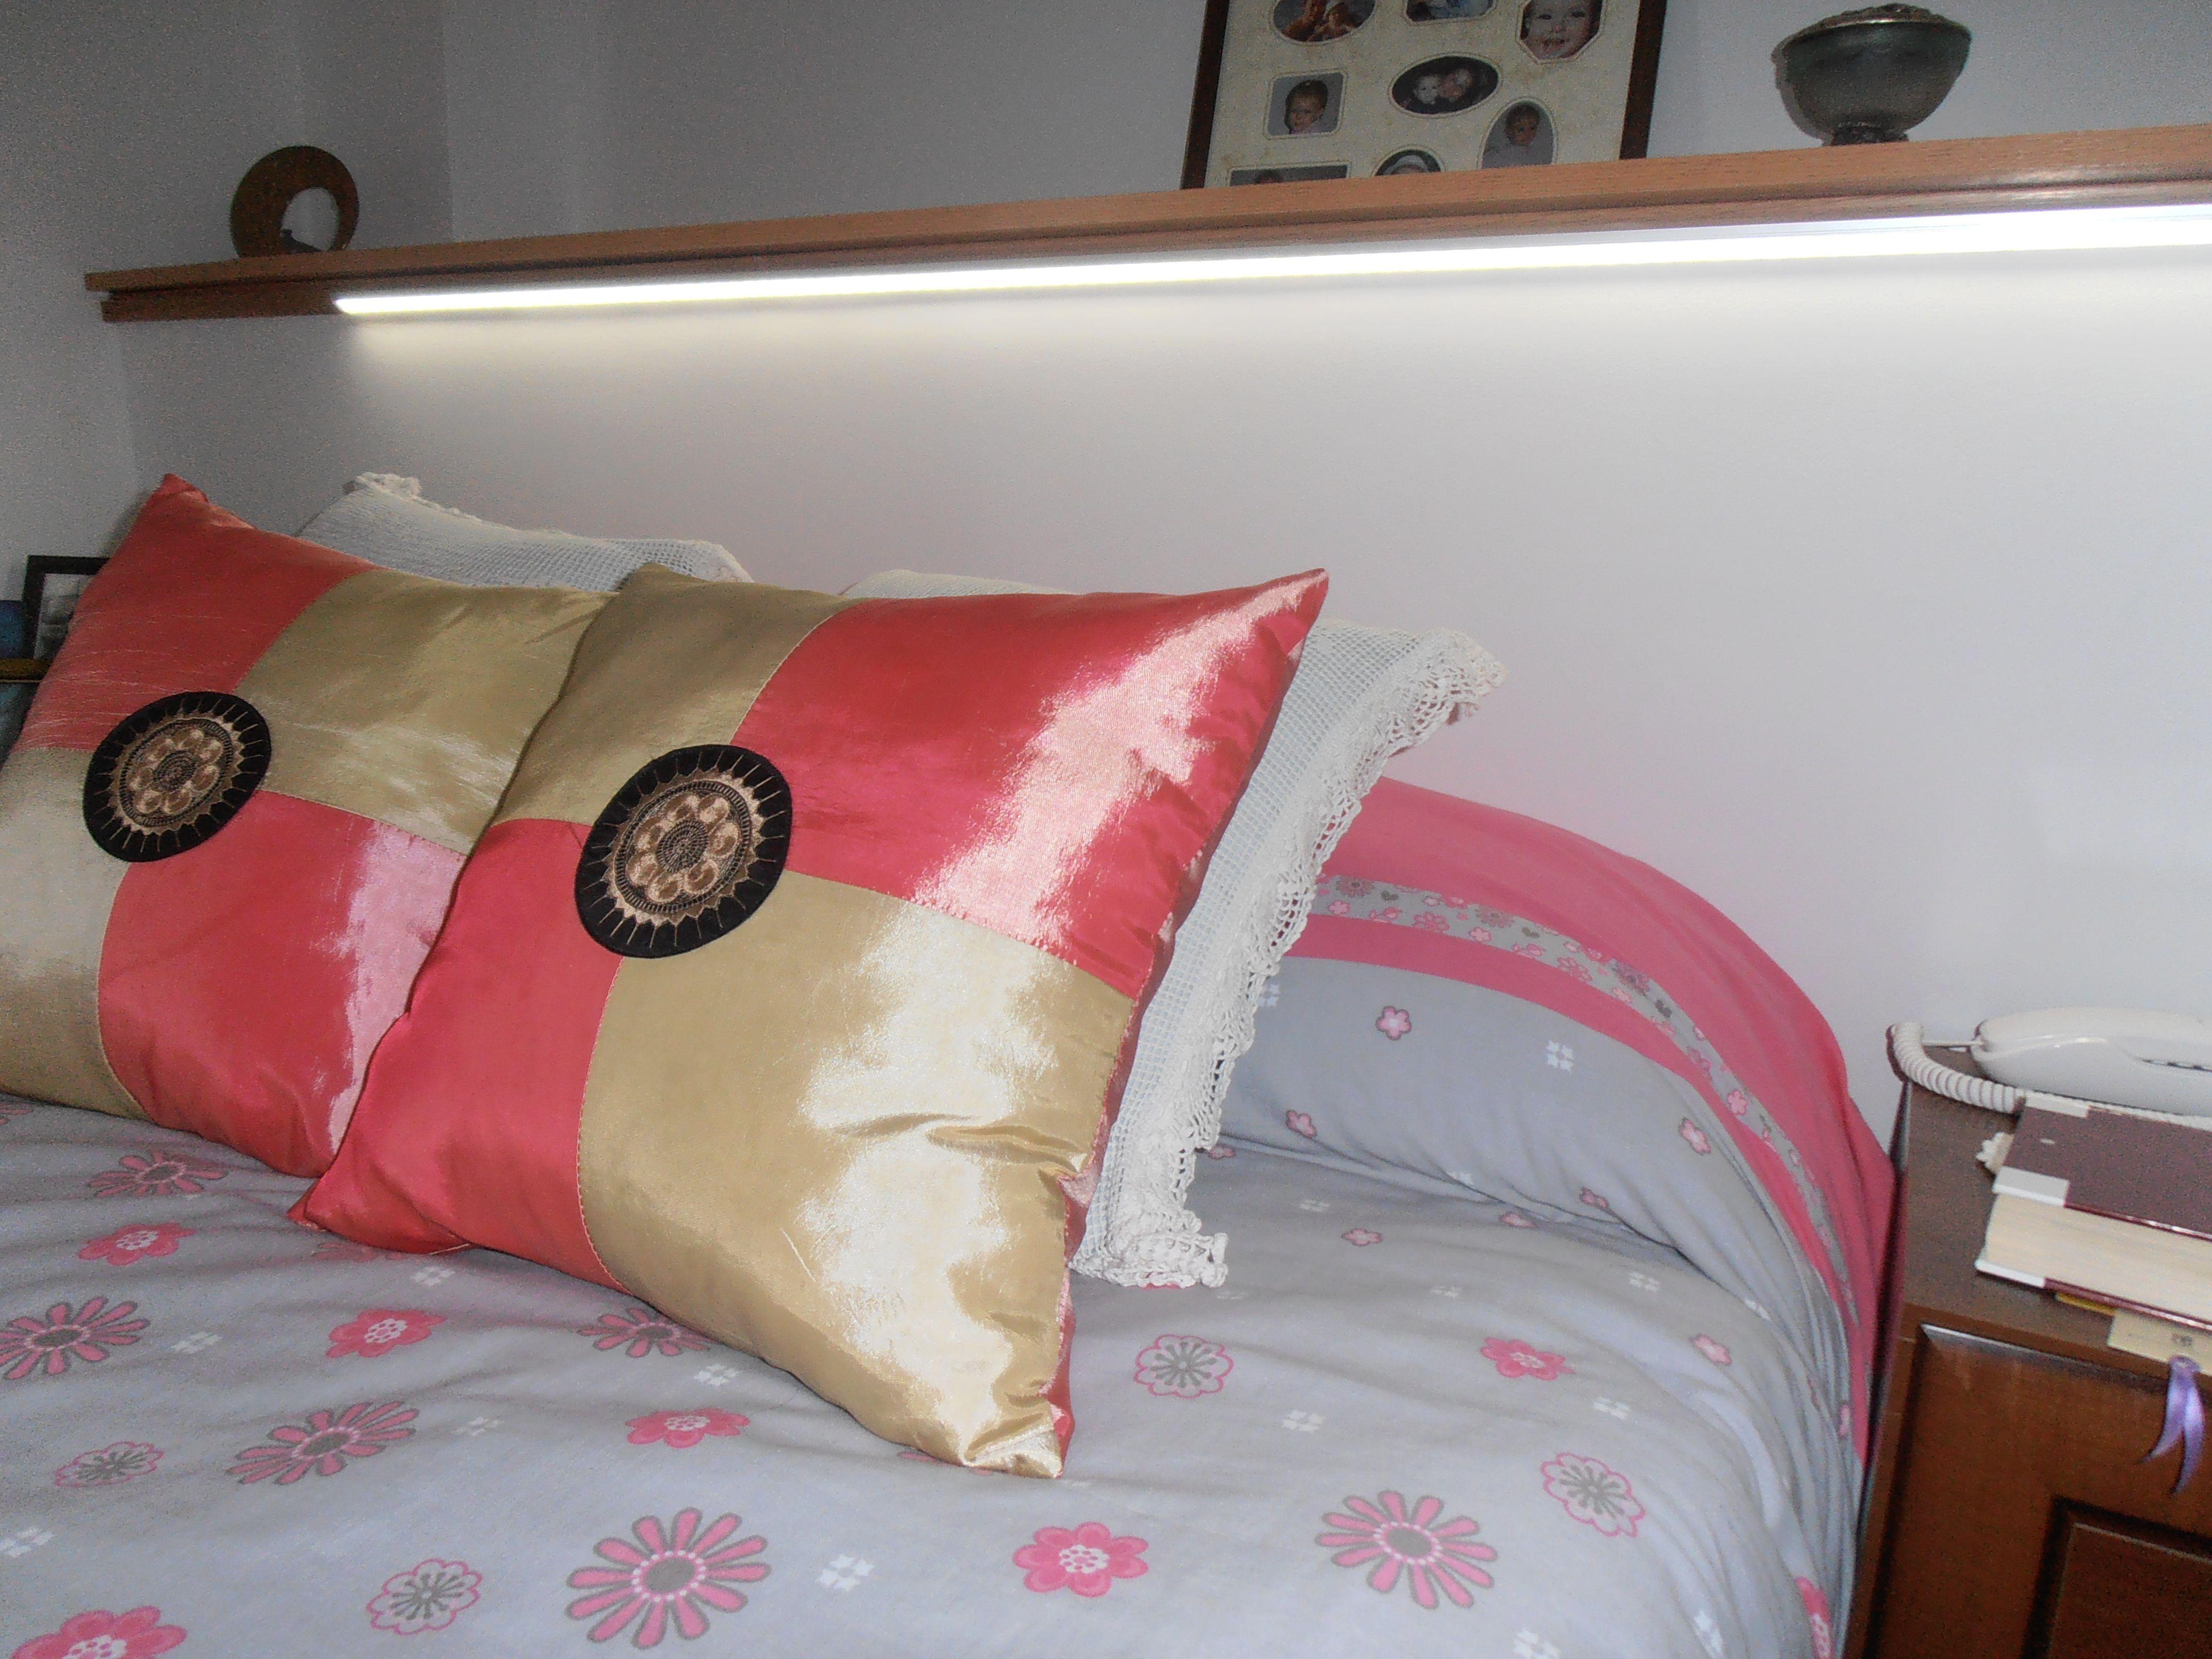 Iluminaci n de cabecero de cama mediante perfil de - Cabeceros con luz ...